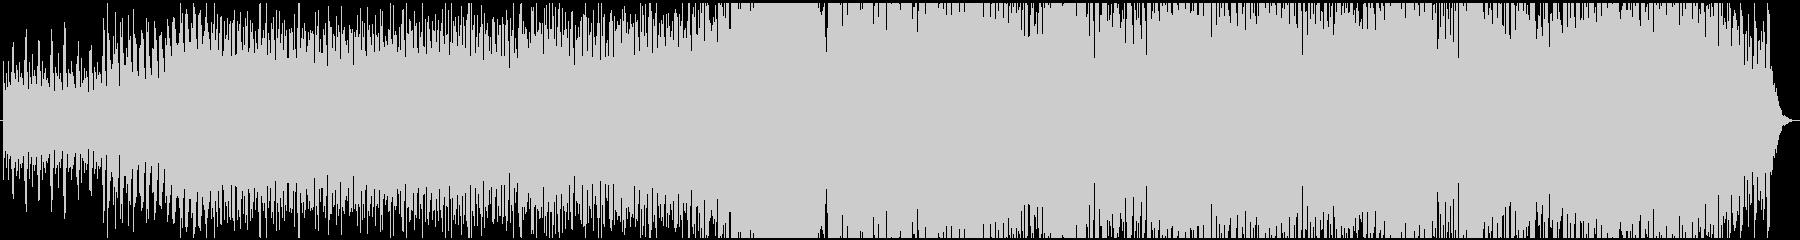 シンセサイザー中心のハイテクをイメージの未再生の波形